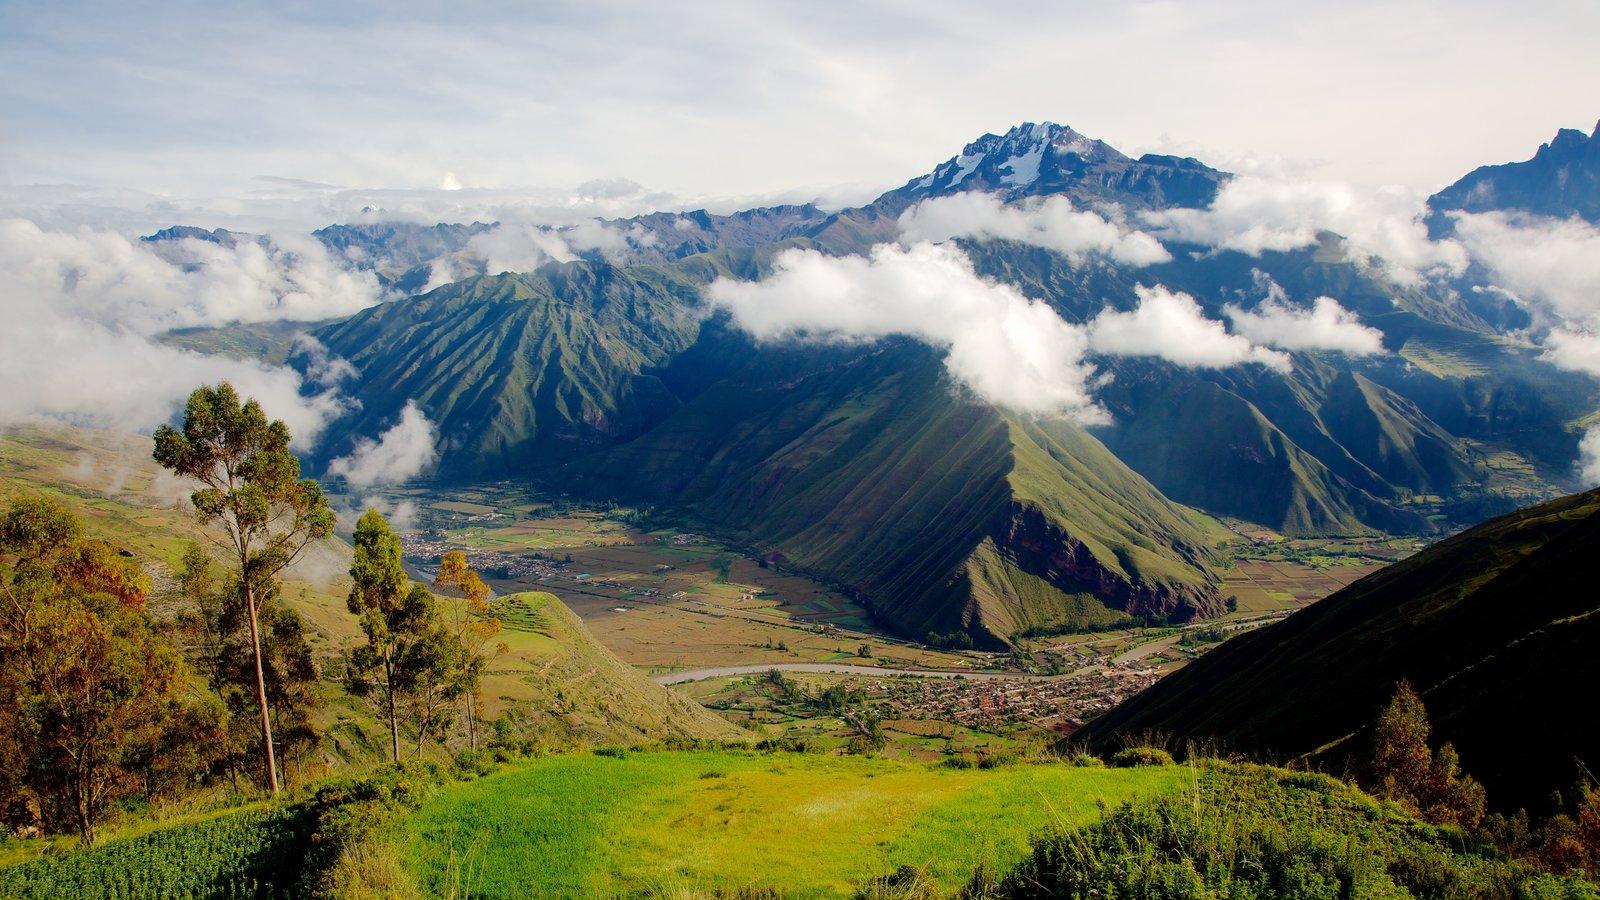 Urubamba mostrando paisagem, cenas tranquilas e montanhas